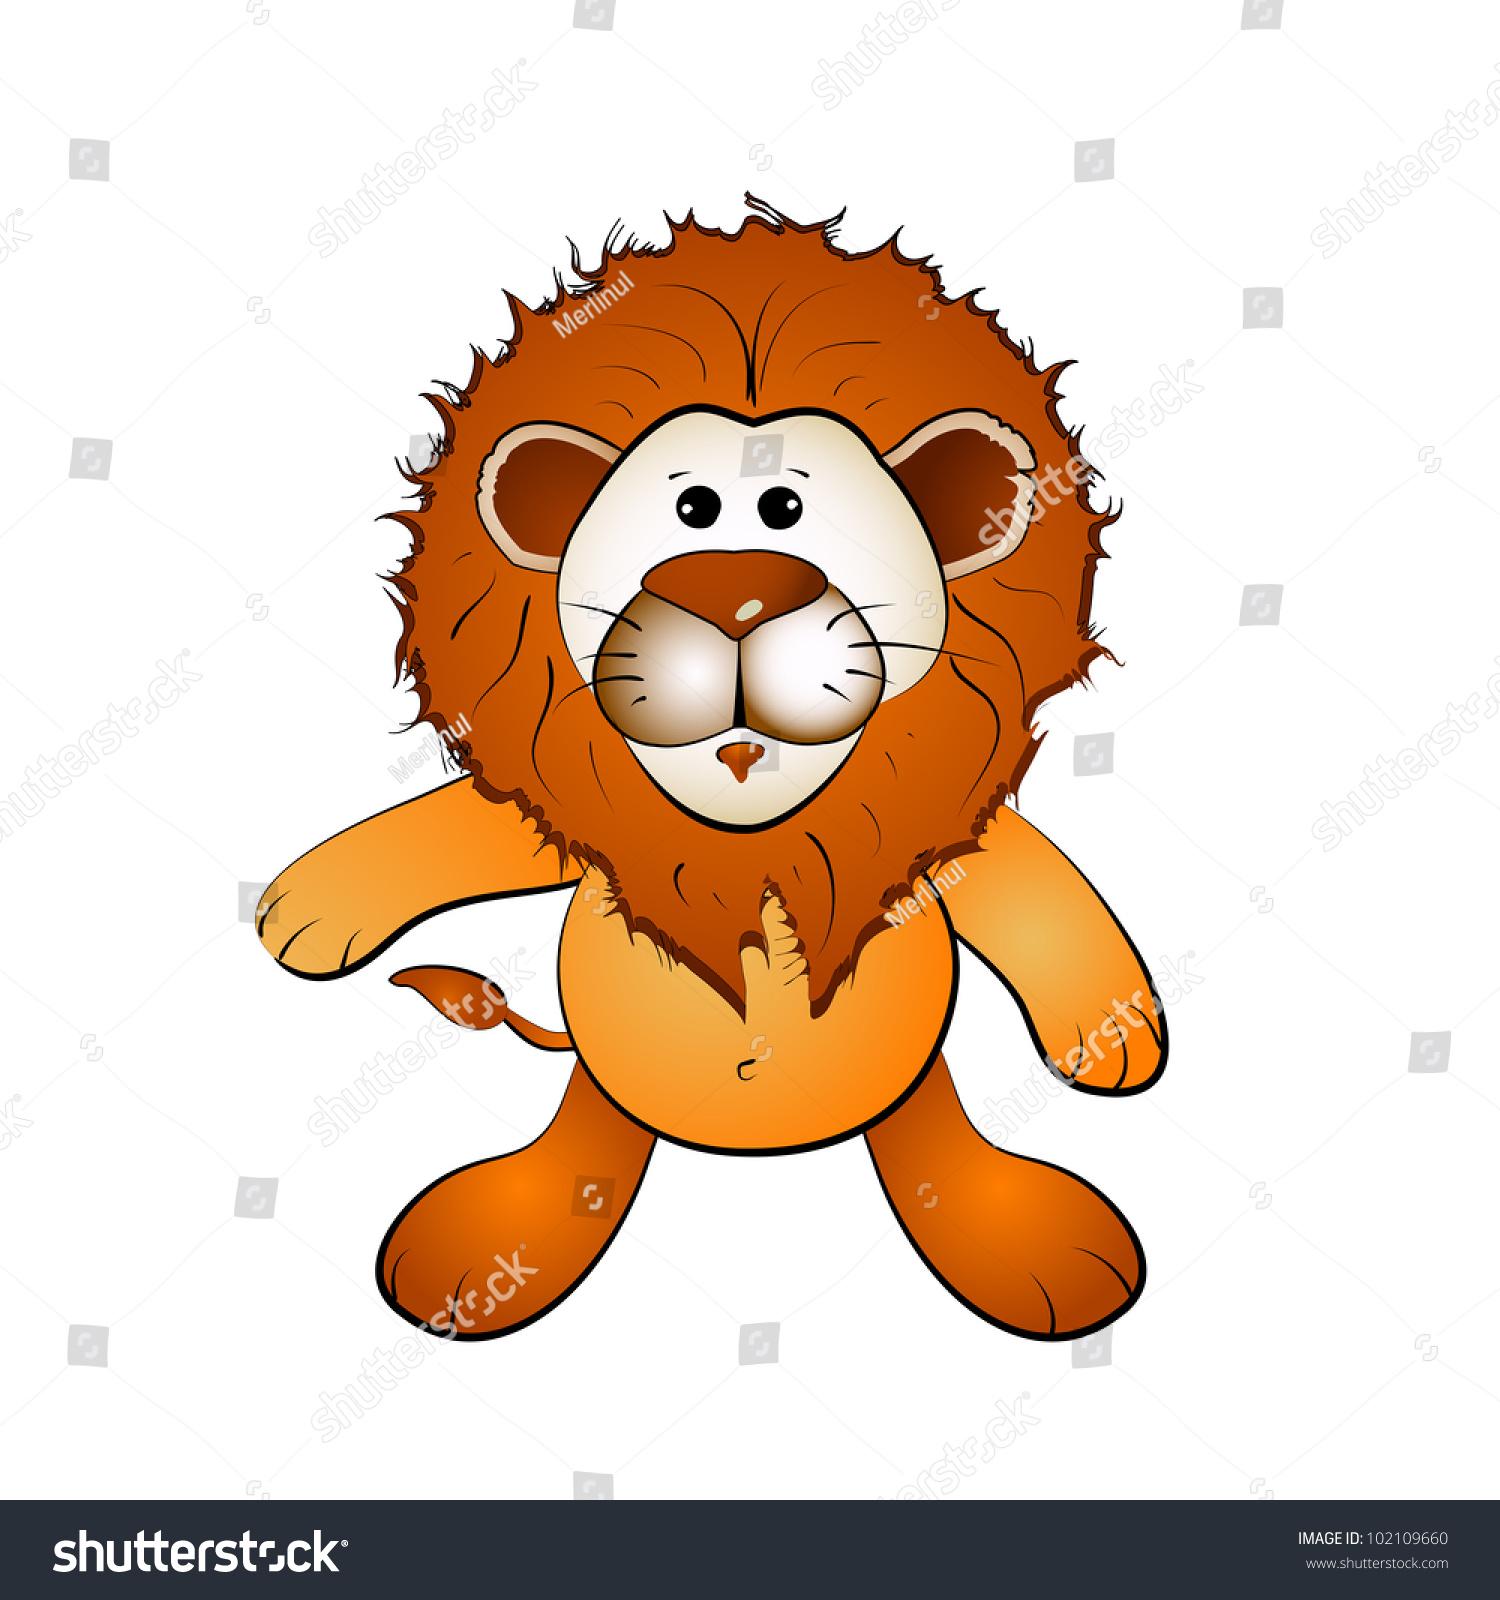 卡通狮子-动物/野生生物